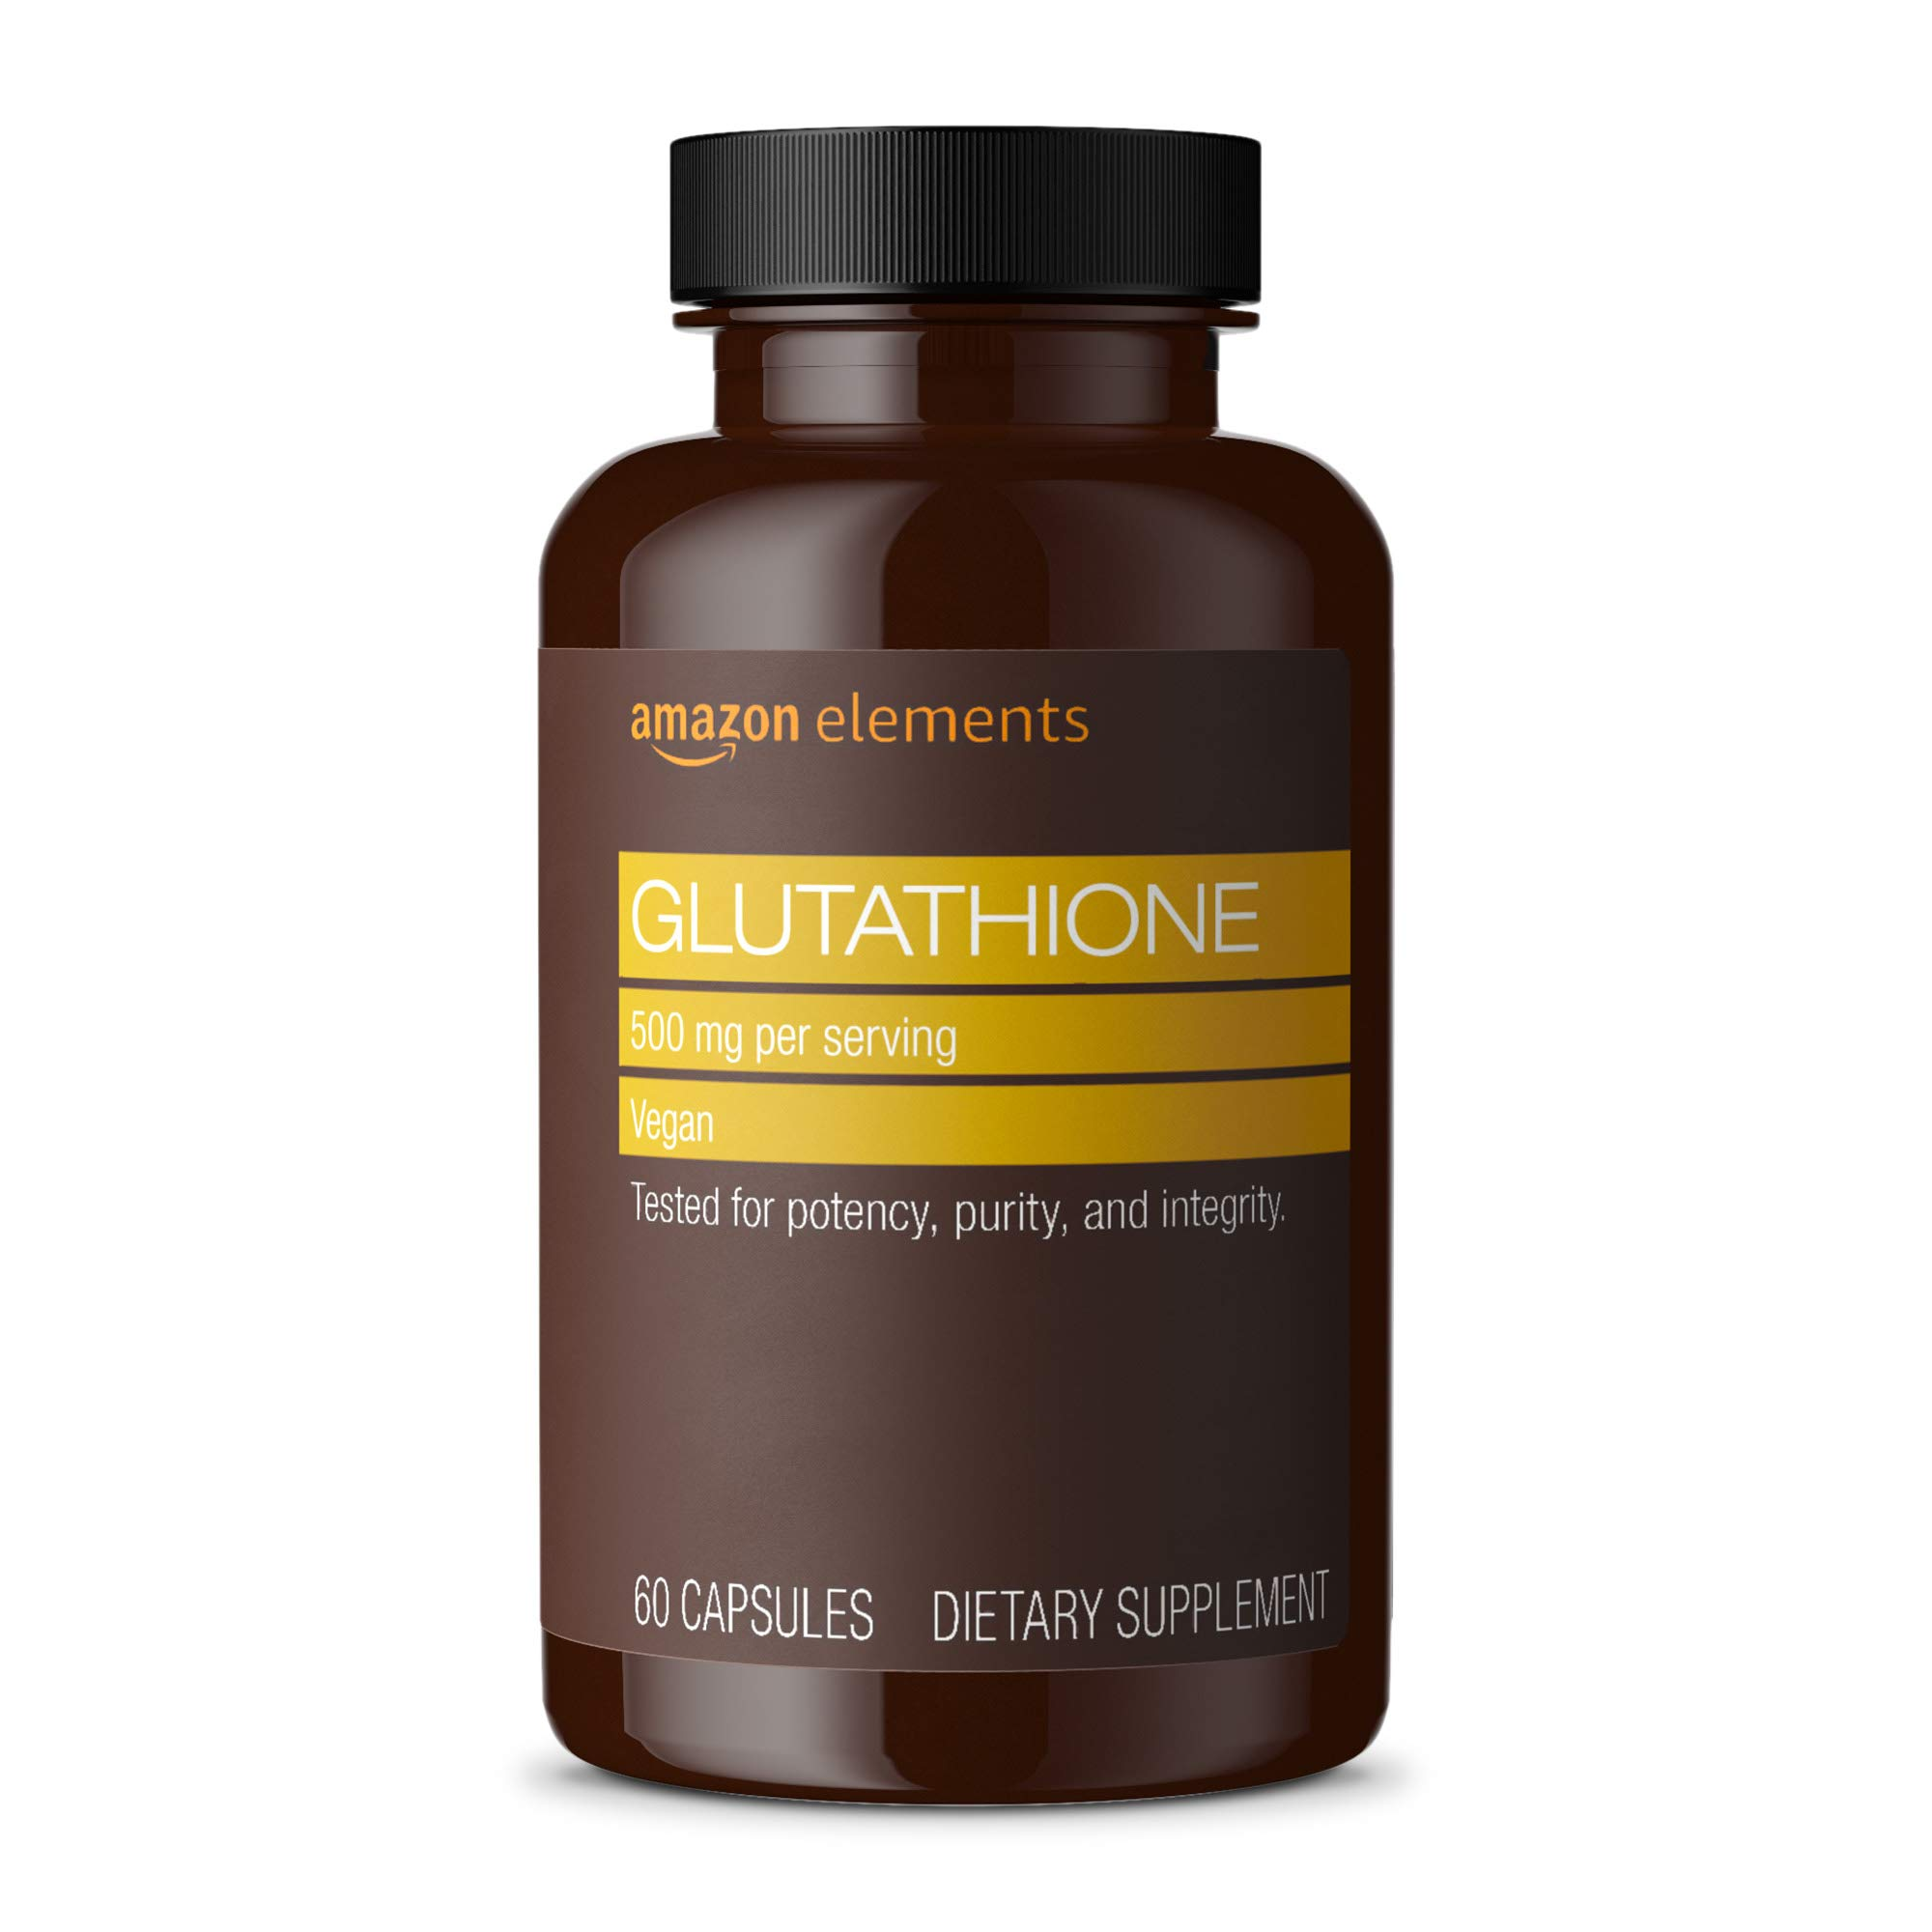 Amazon Elements Glutathione Capsules supply